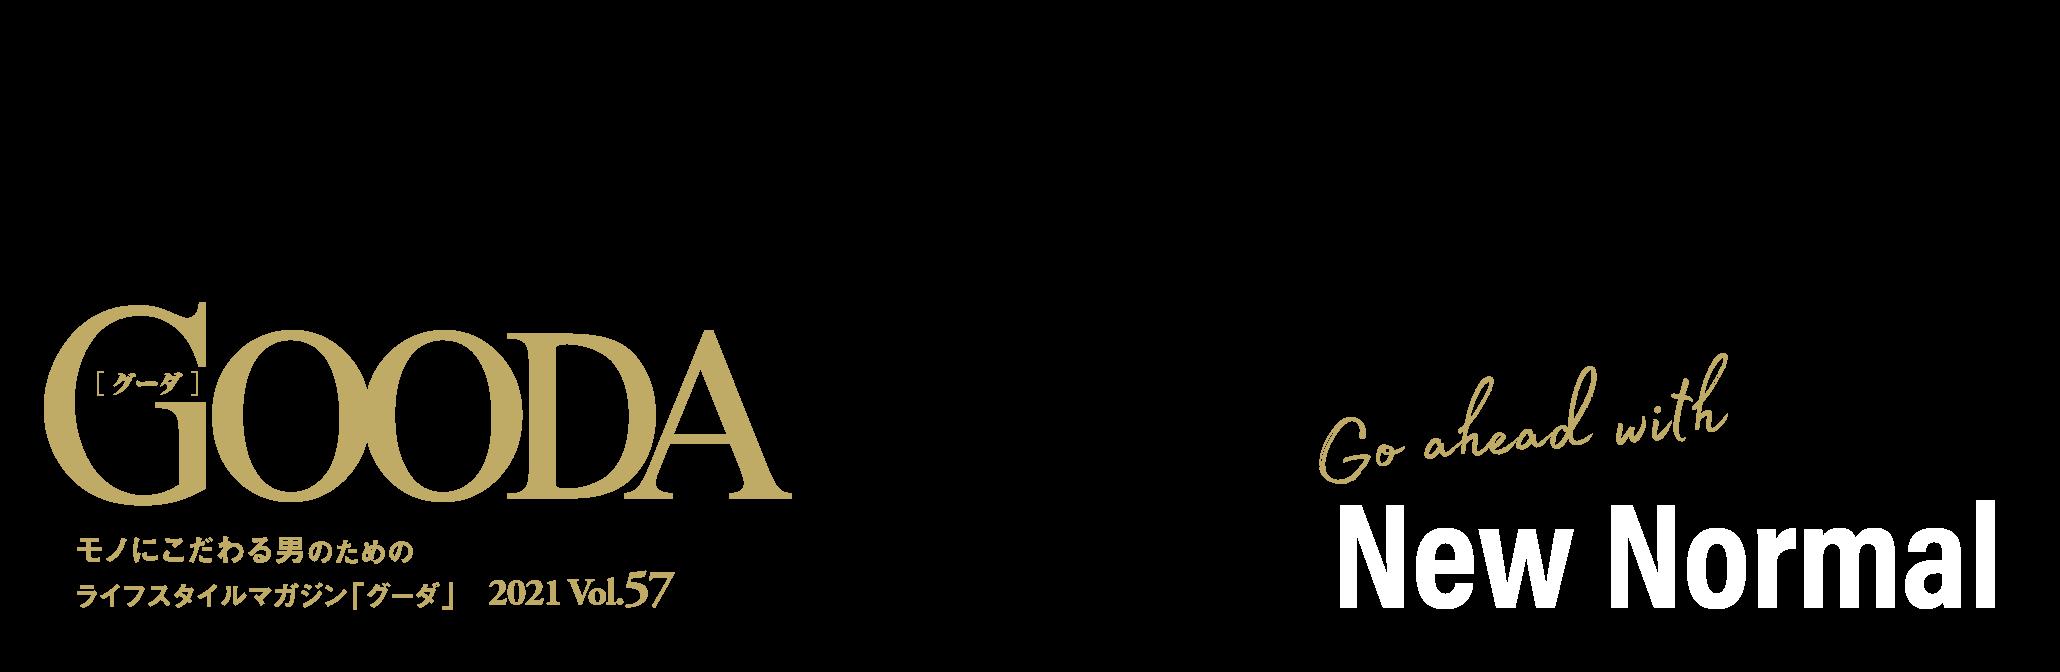 モノにこだわる男のためのライフスタイルマガジン「グーダ」 2021 vol.57